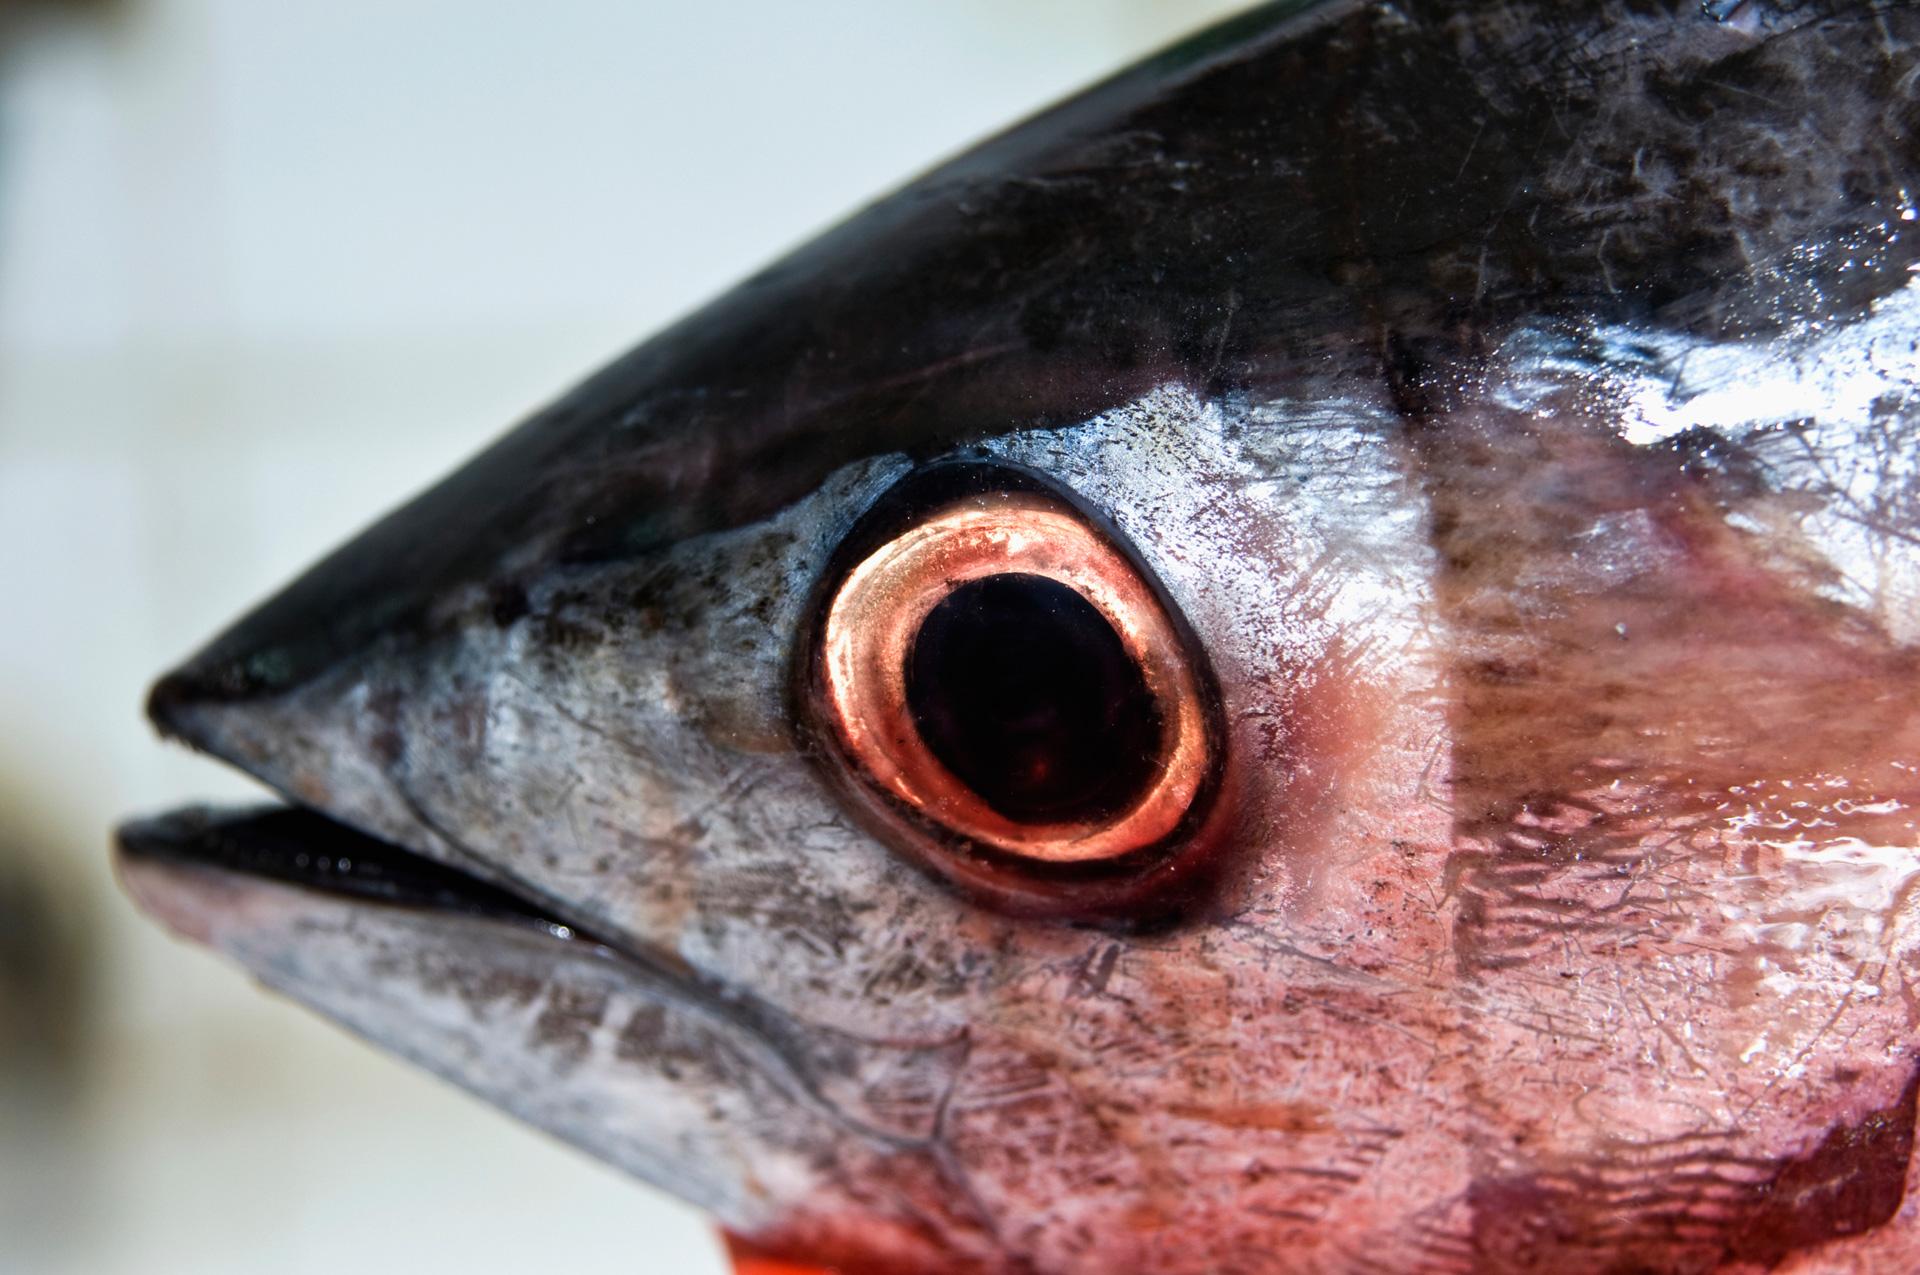 Tuna eye